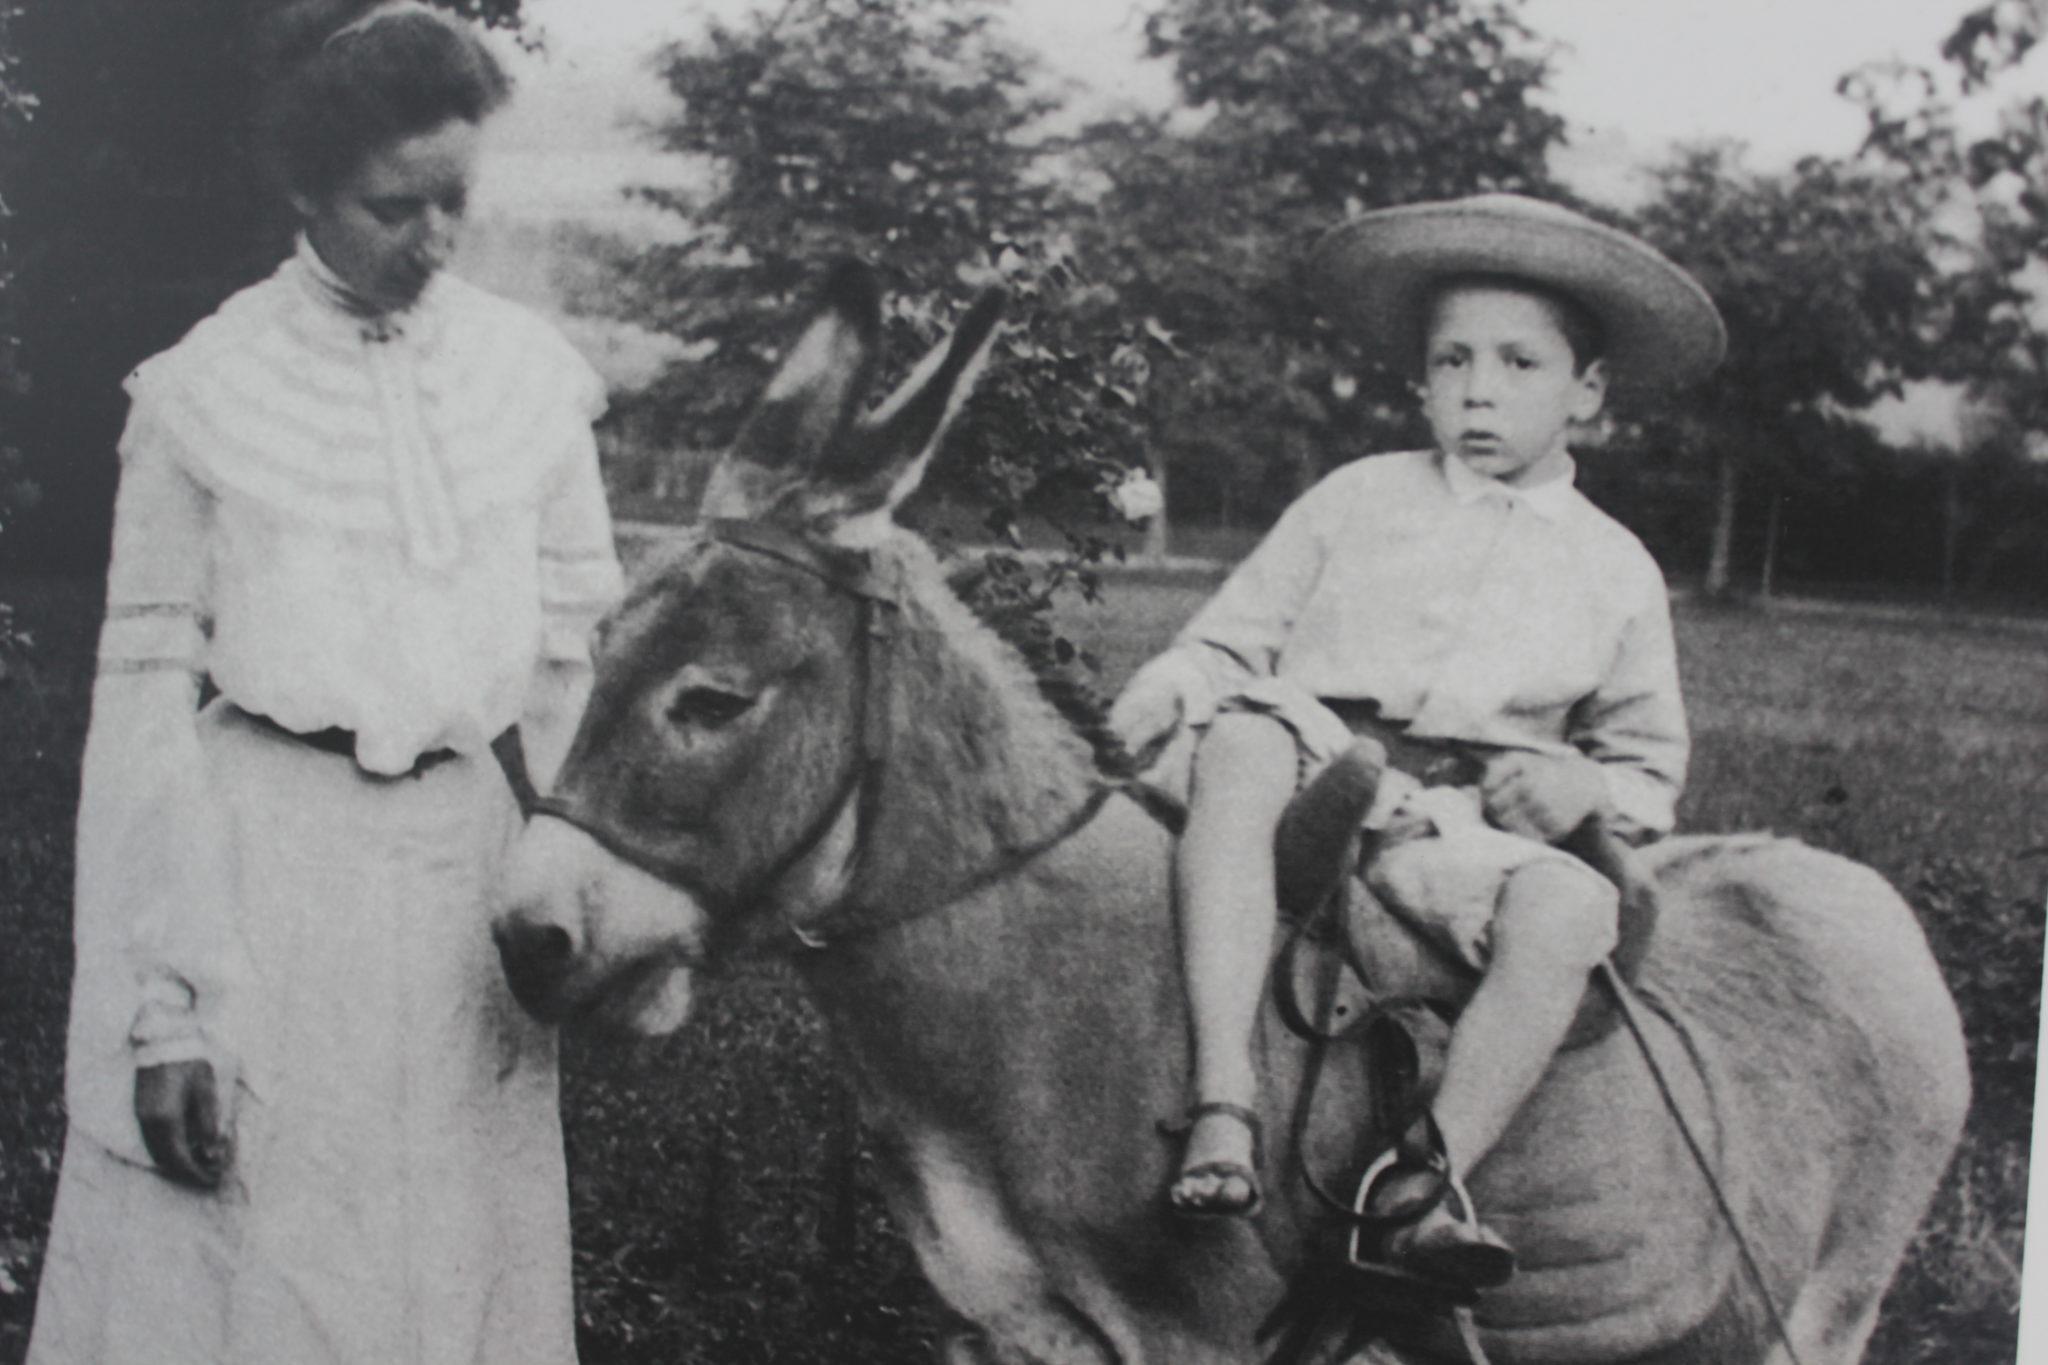 Dla całej rodziny ważną uroczystości były złote gody państwa Czartoryskich. Odbyły się one w przededniu wojny, 26 sierpnia 1939 roku. Dzieci ufundowały rodzicom figurę Matki Bożej, która została ustawiona w ogrodzie pałacowym, gdzie przetrwała do dzisiaj.